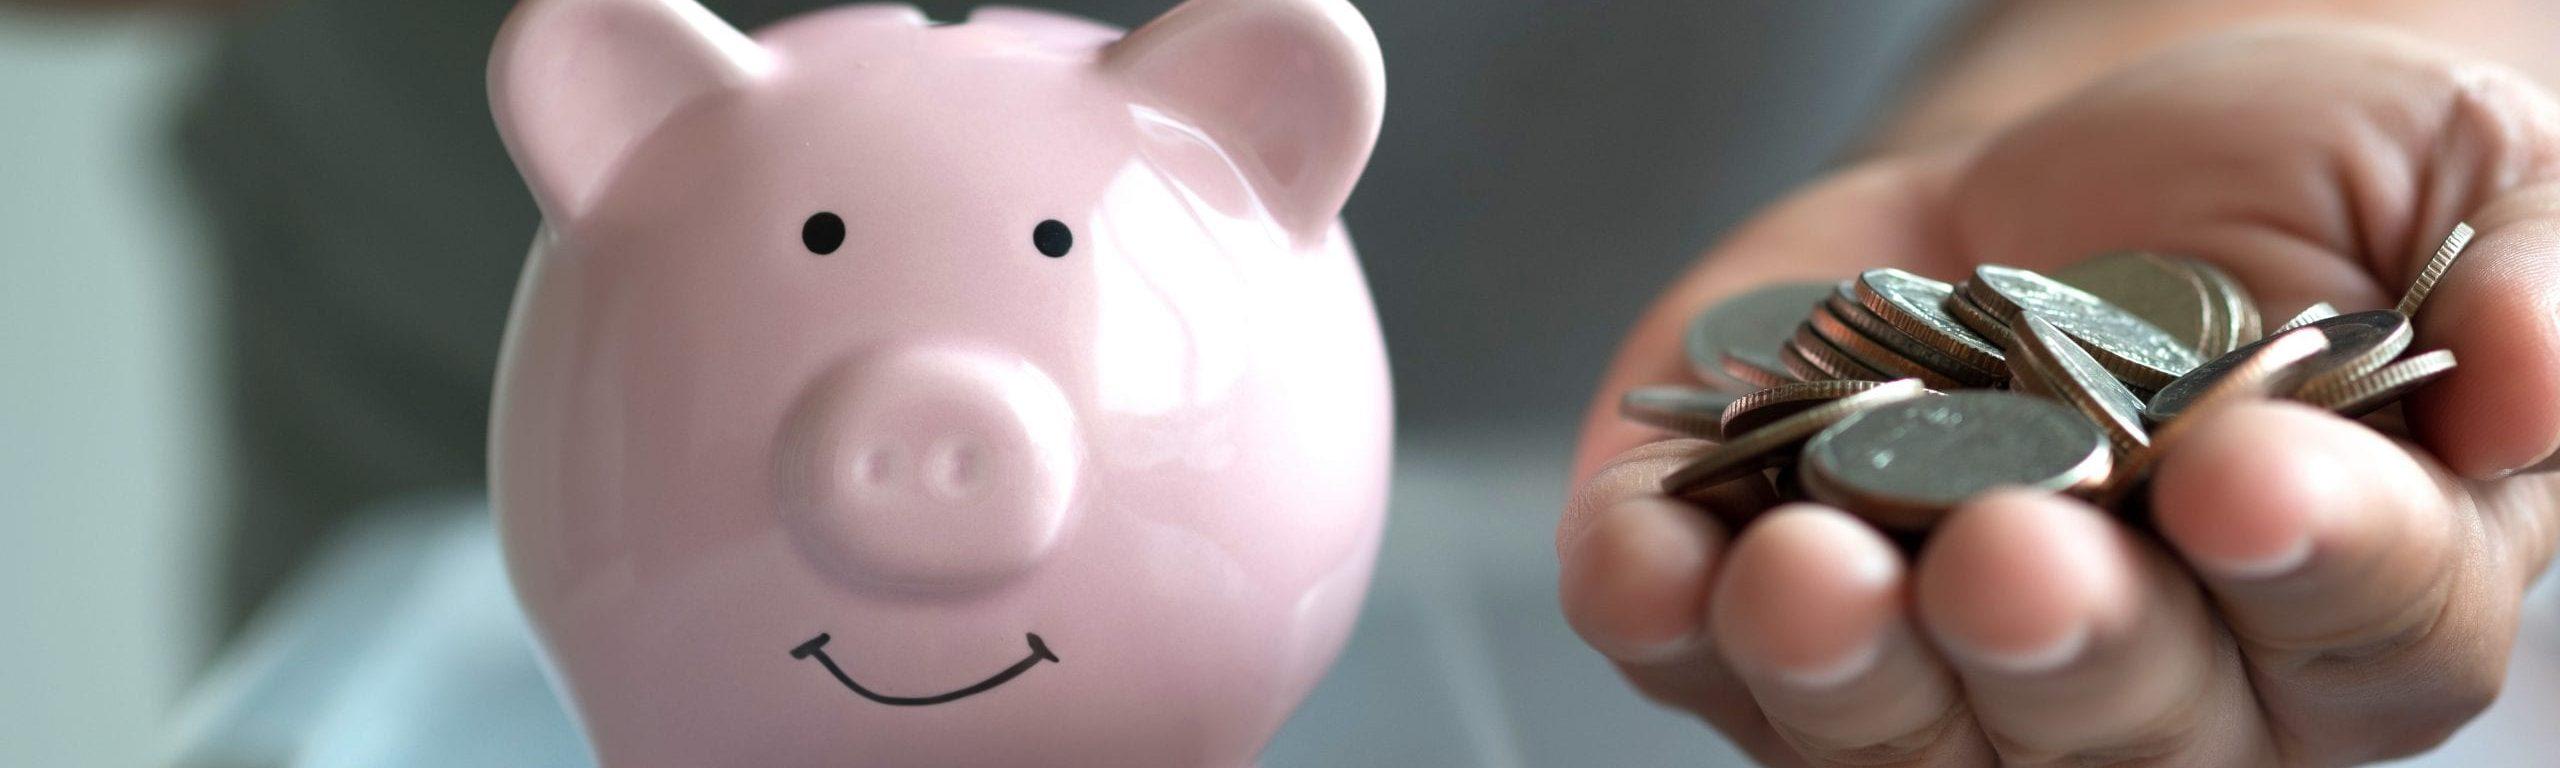 Geld sparen im Alter